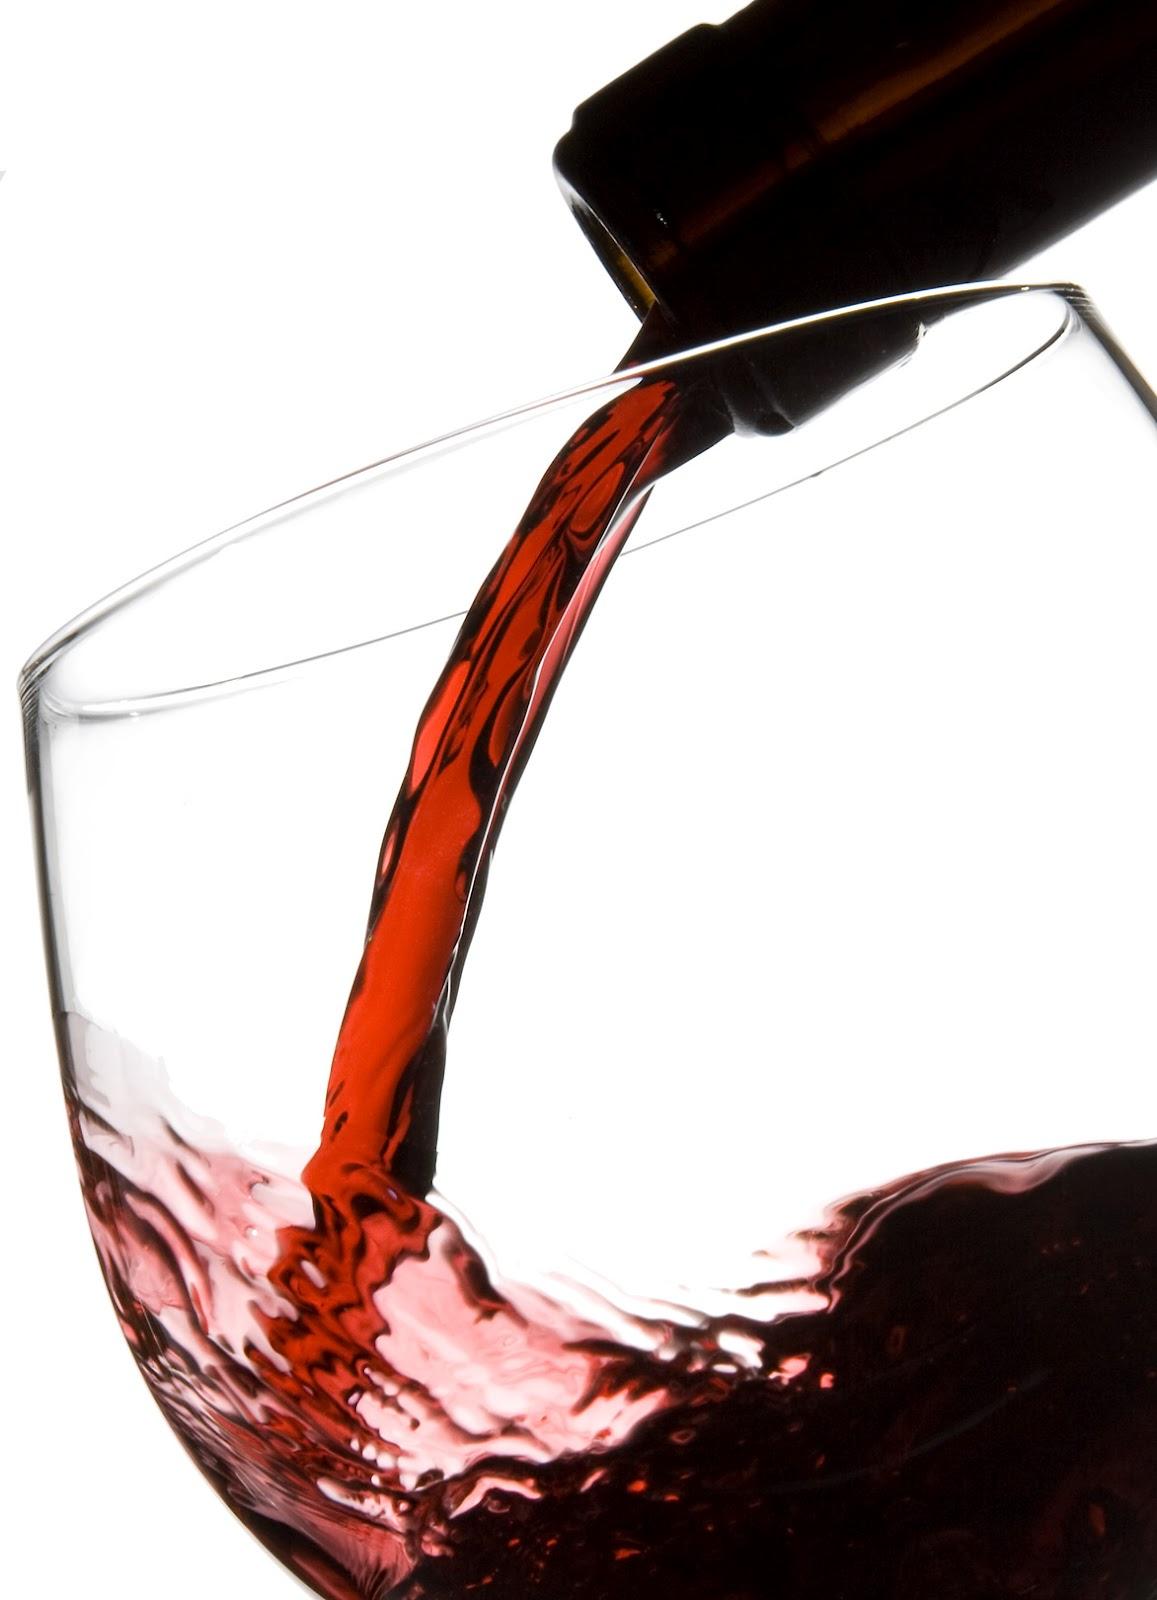 Vente de vin : dénichez de grands crus